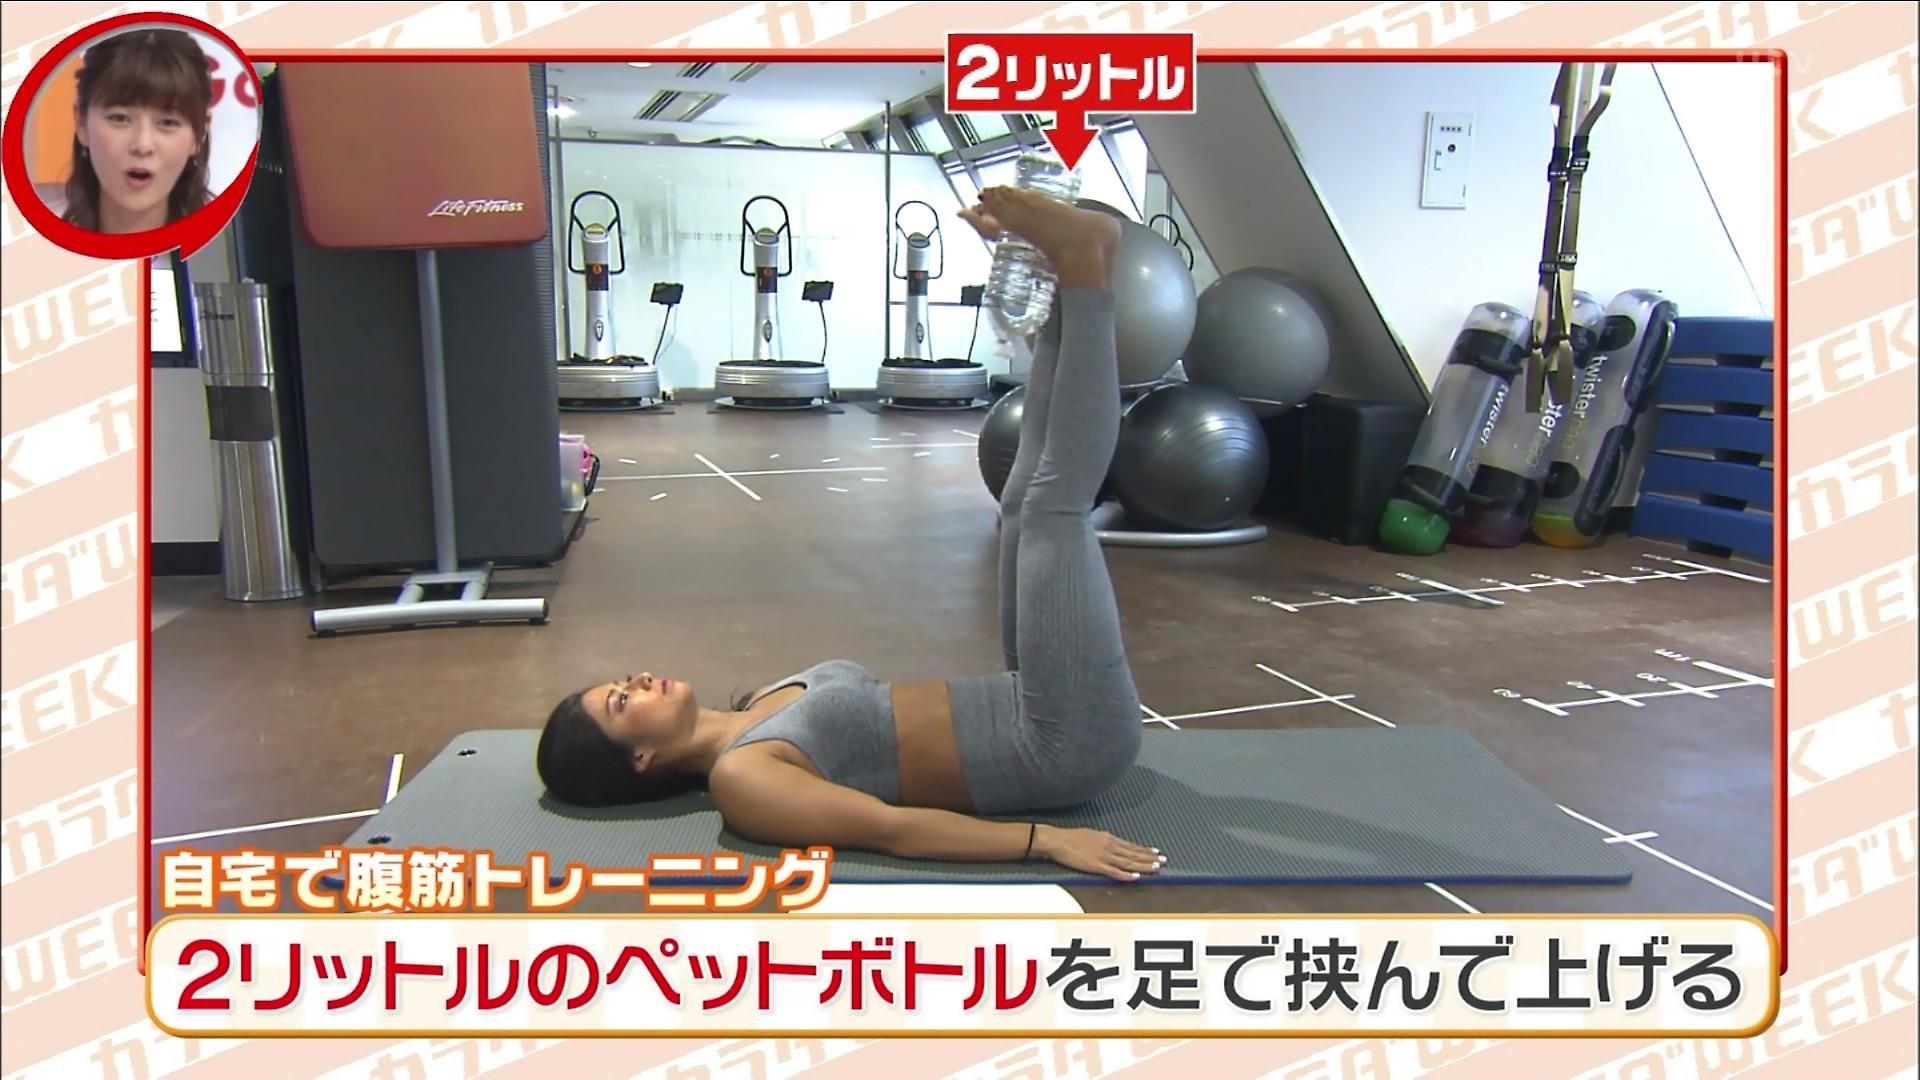 田上舞子_筋肉女子_美人トレーナ_テレビキャプ画像_09